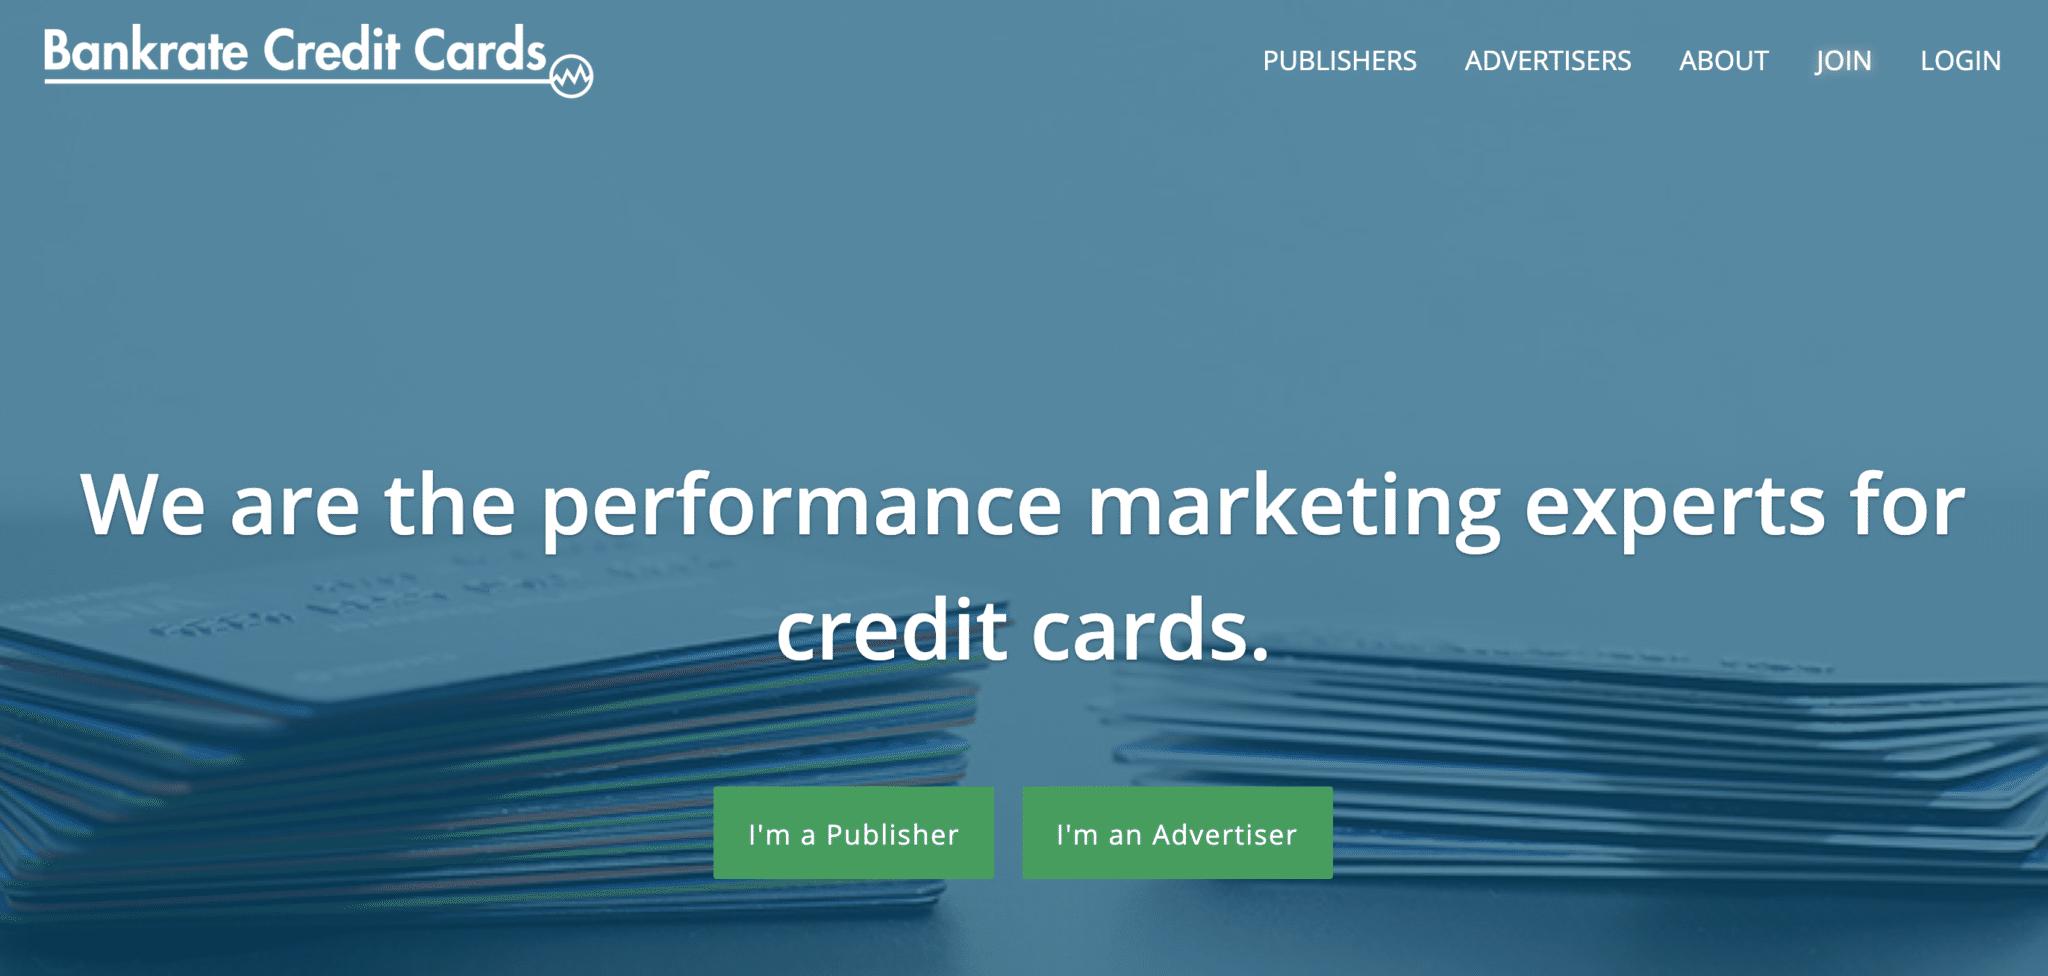 Credit card affiliate - Bankrate Credit Cards